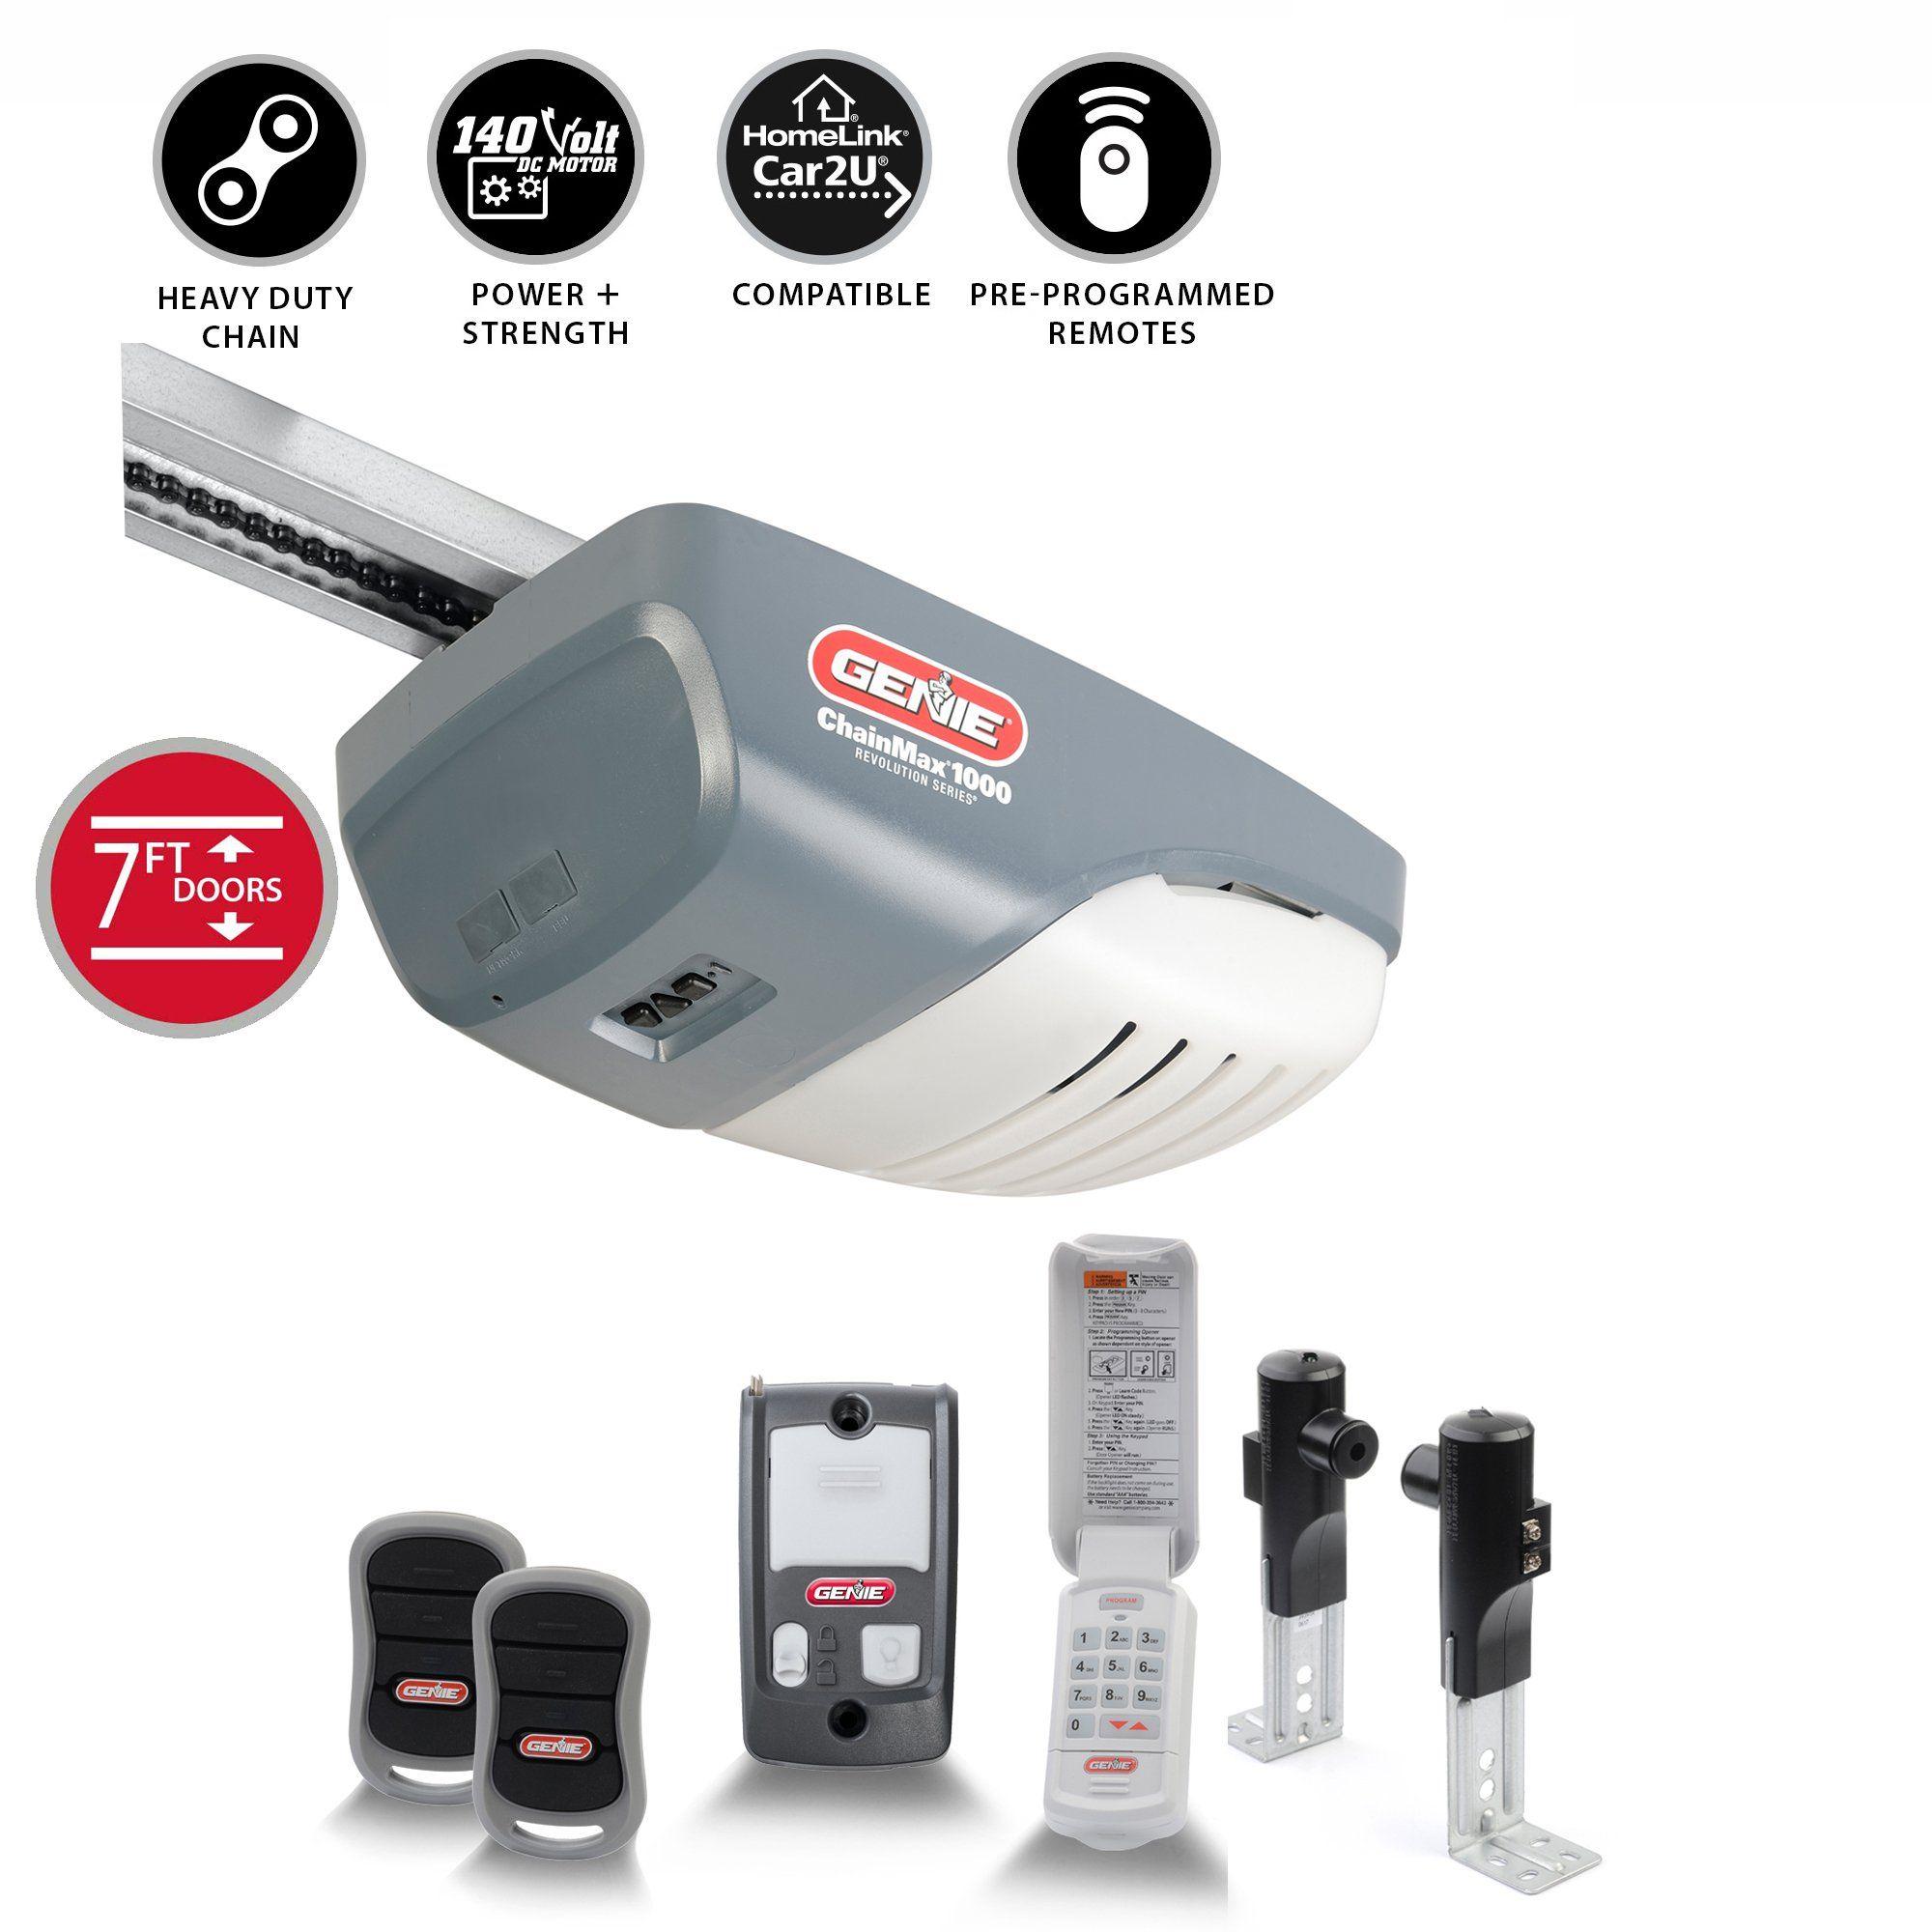 Liftmaster 8065 1 2 Hp Ac Chain Drive Garage Door Opener